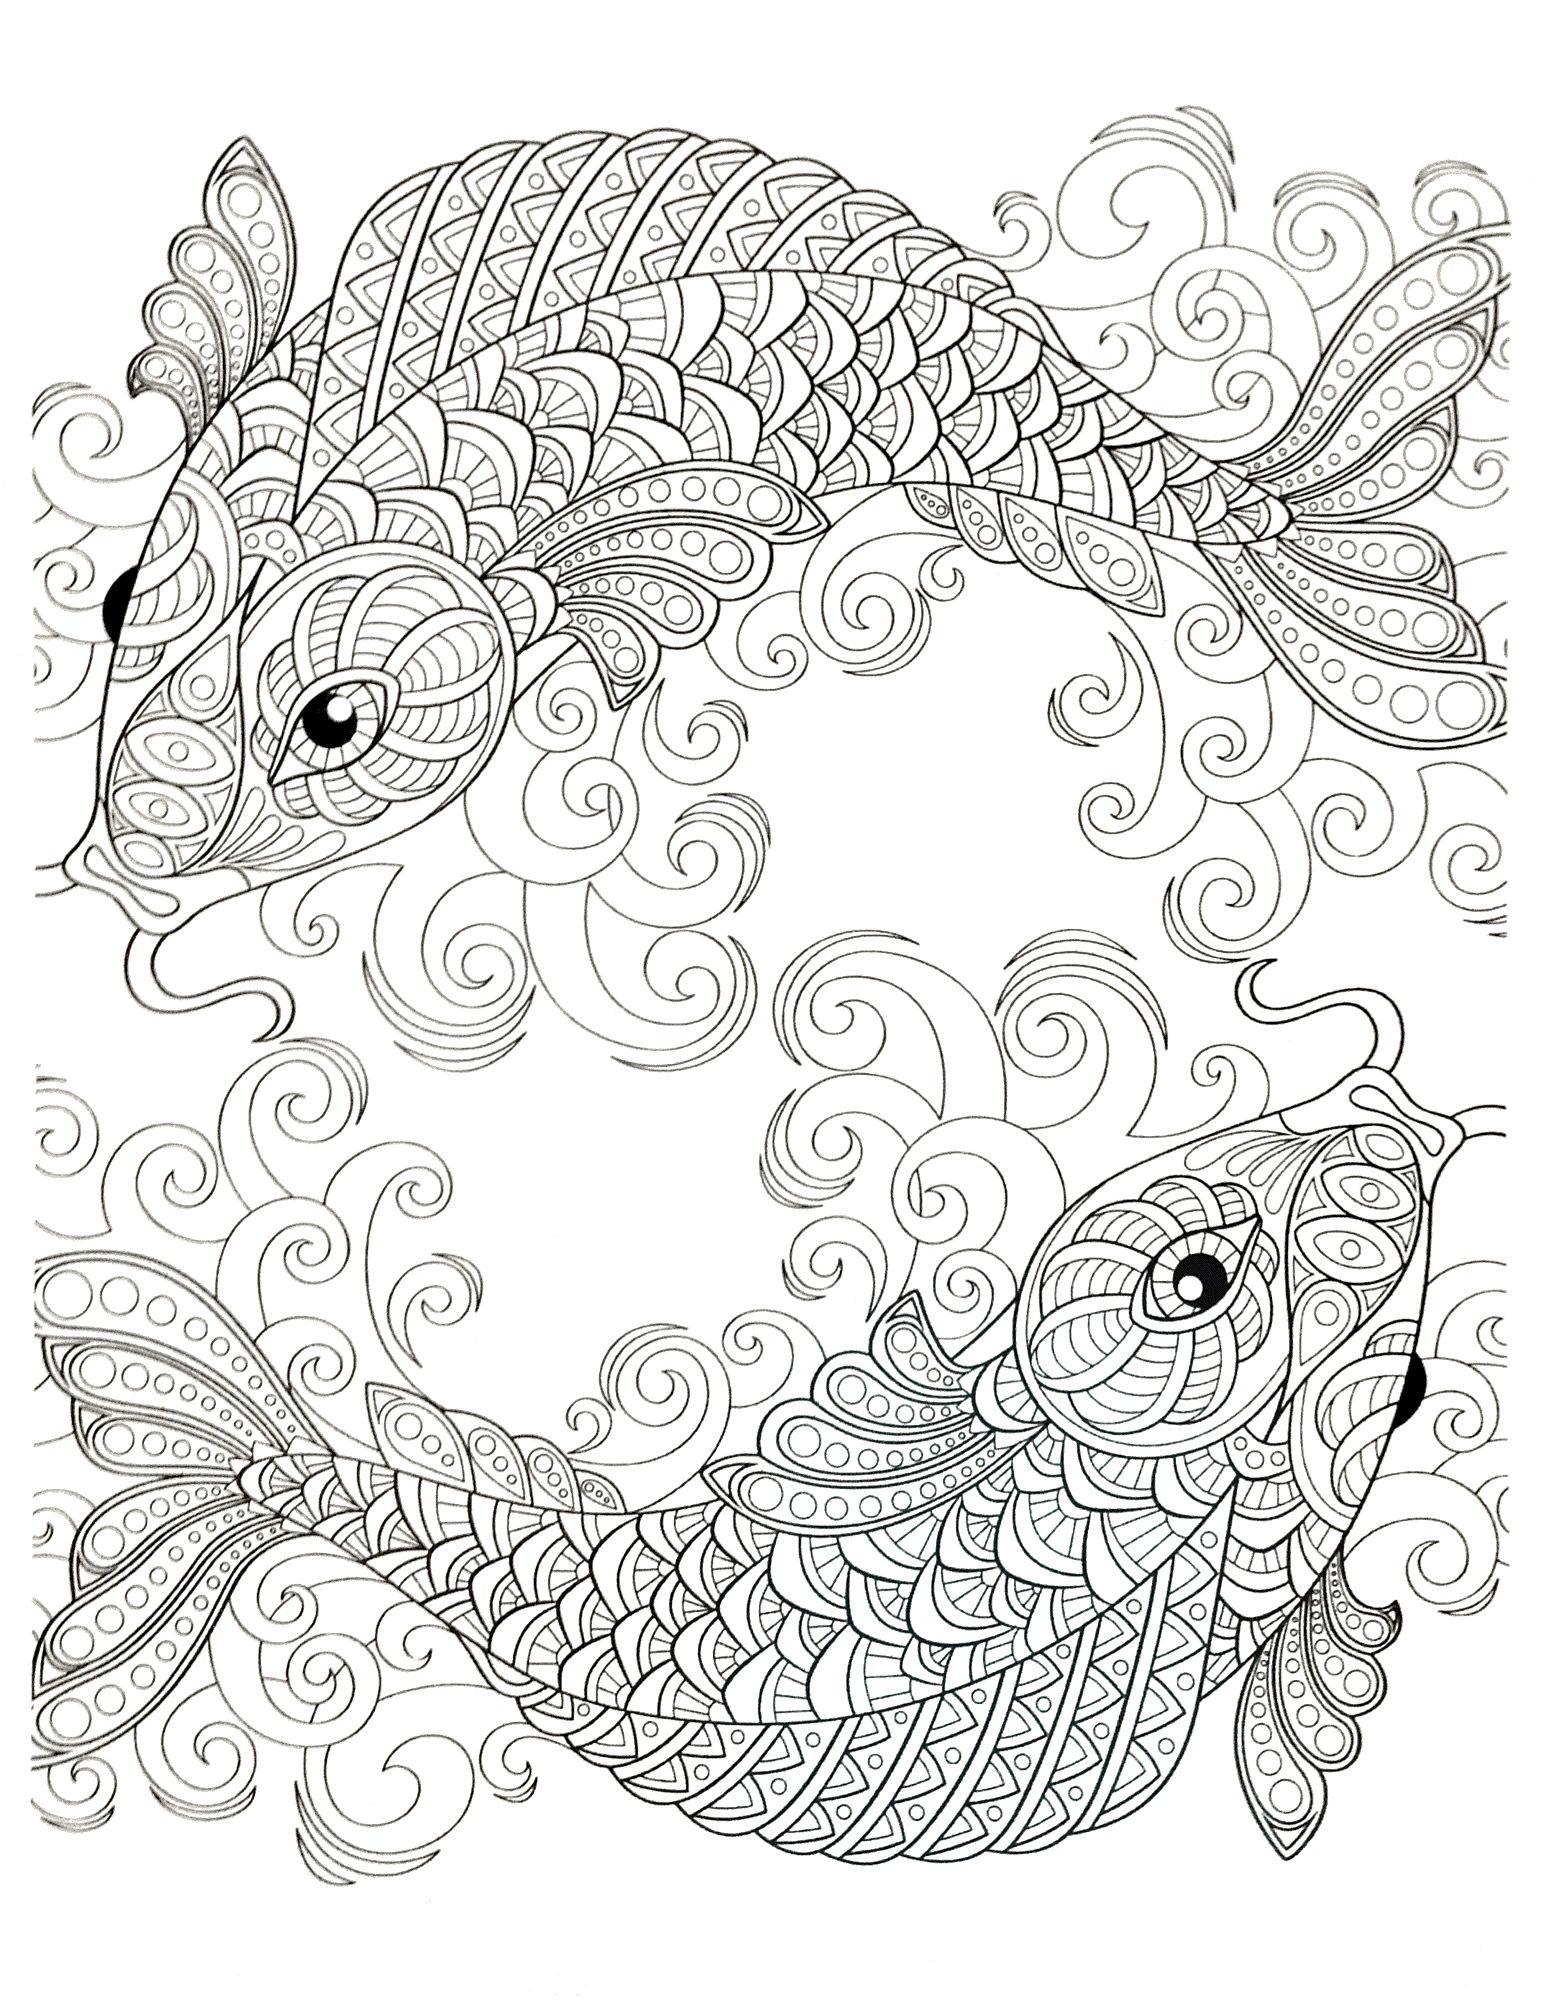 Pin de Michelle Schmidt en Coloring Pages | Pinterest | Mandalas